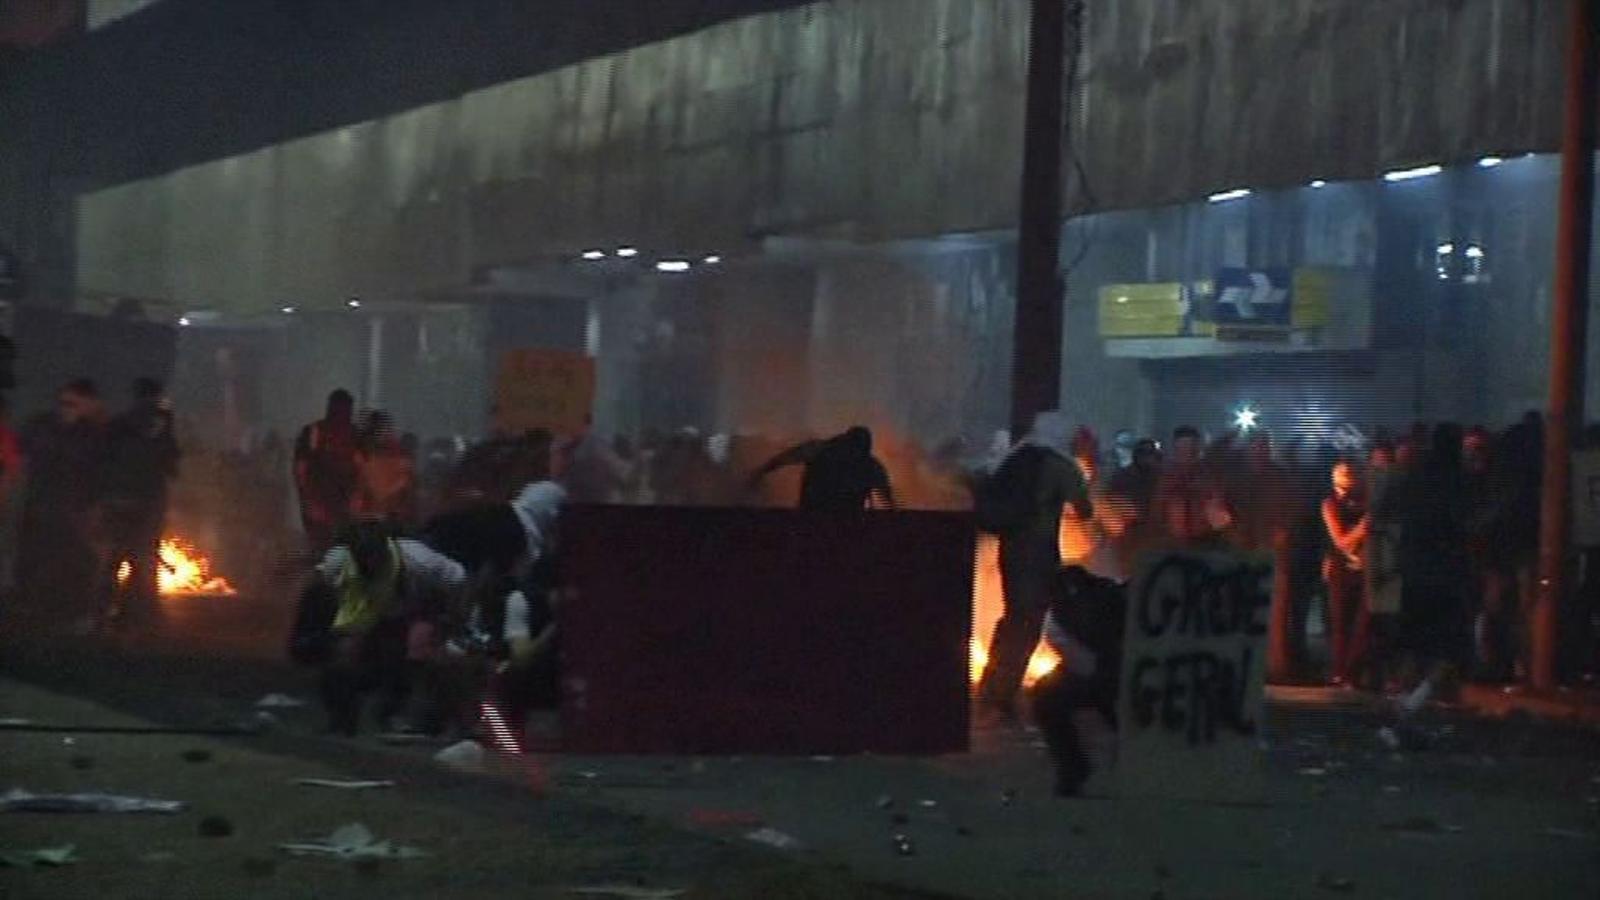 Continuen les protestes massives a les grans ciutats del Brasil